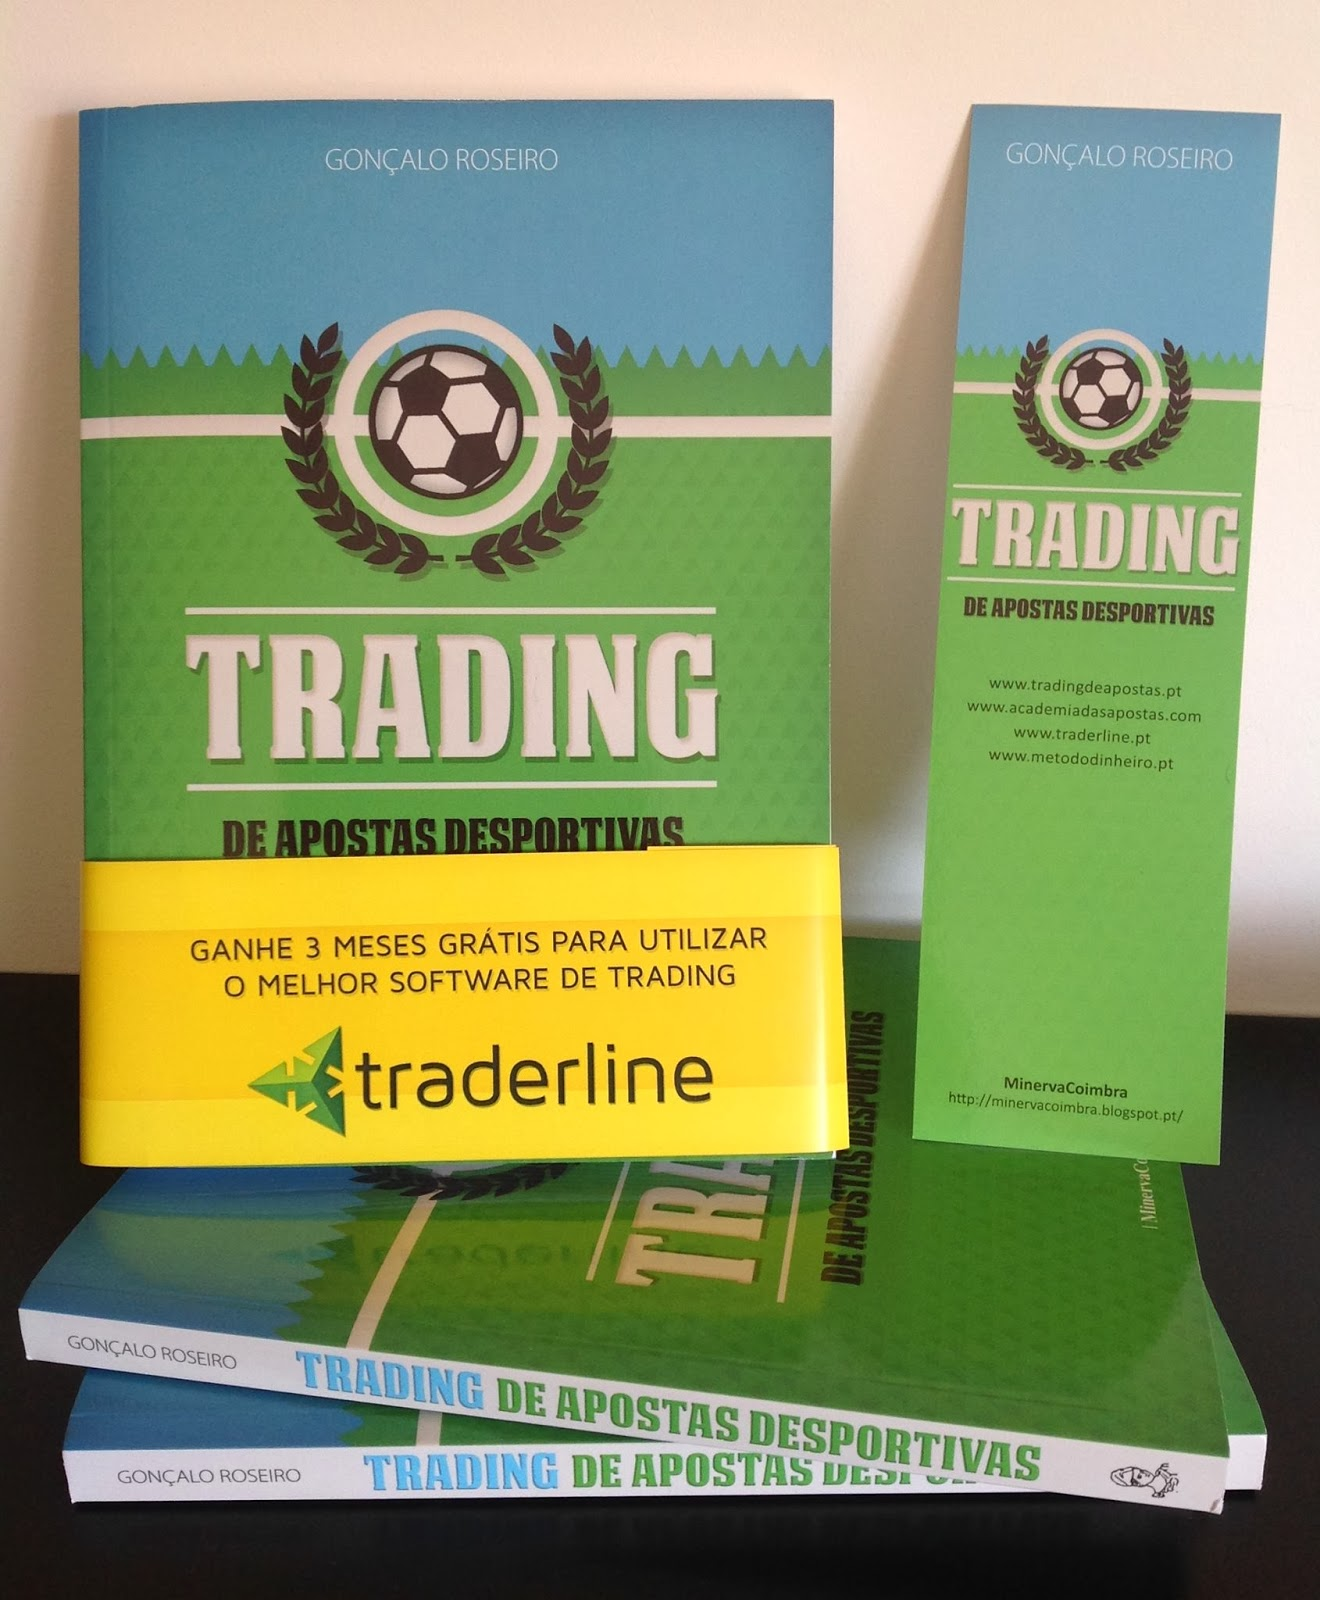 Trading em apostas desportivas